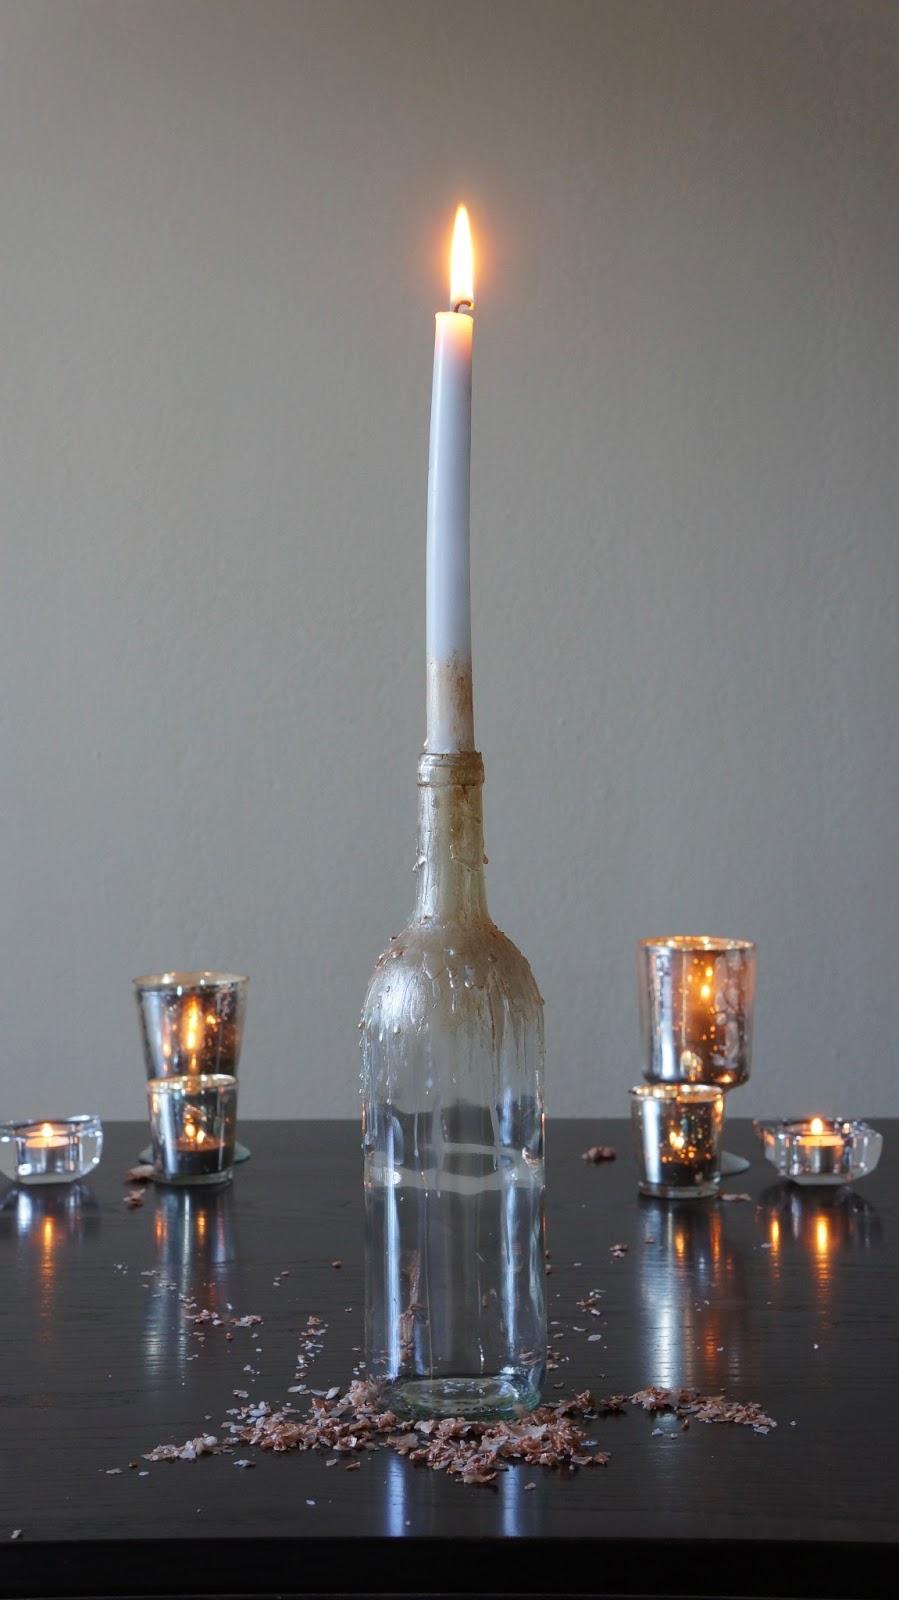 Diy Wine Bottle Candle Holder Harvesting Love Events